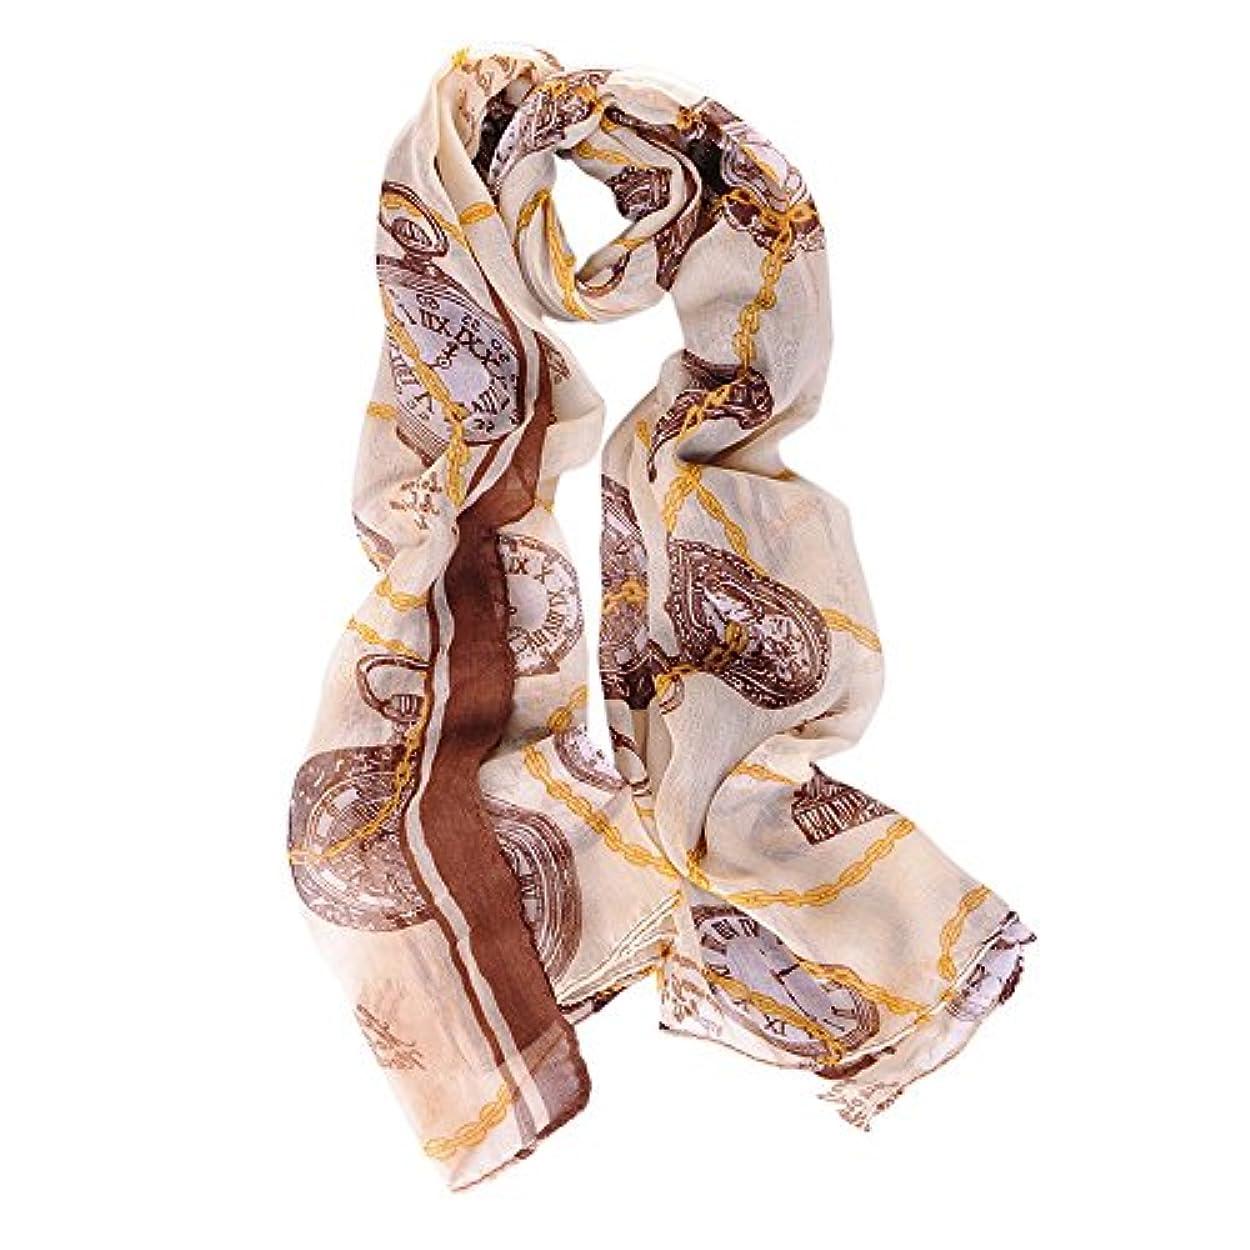 好ましい原理コメンテーターBonbohoレディース 大判ストール 防晒スカーフ  紫外線対策 防寒 肌触り良い スカーフ 8色